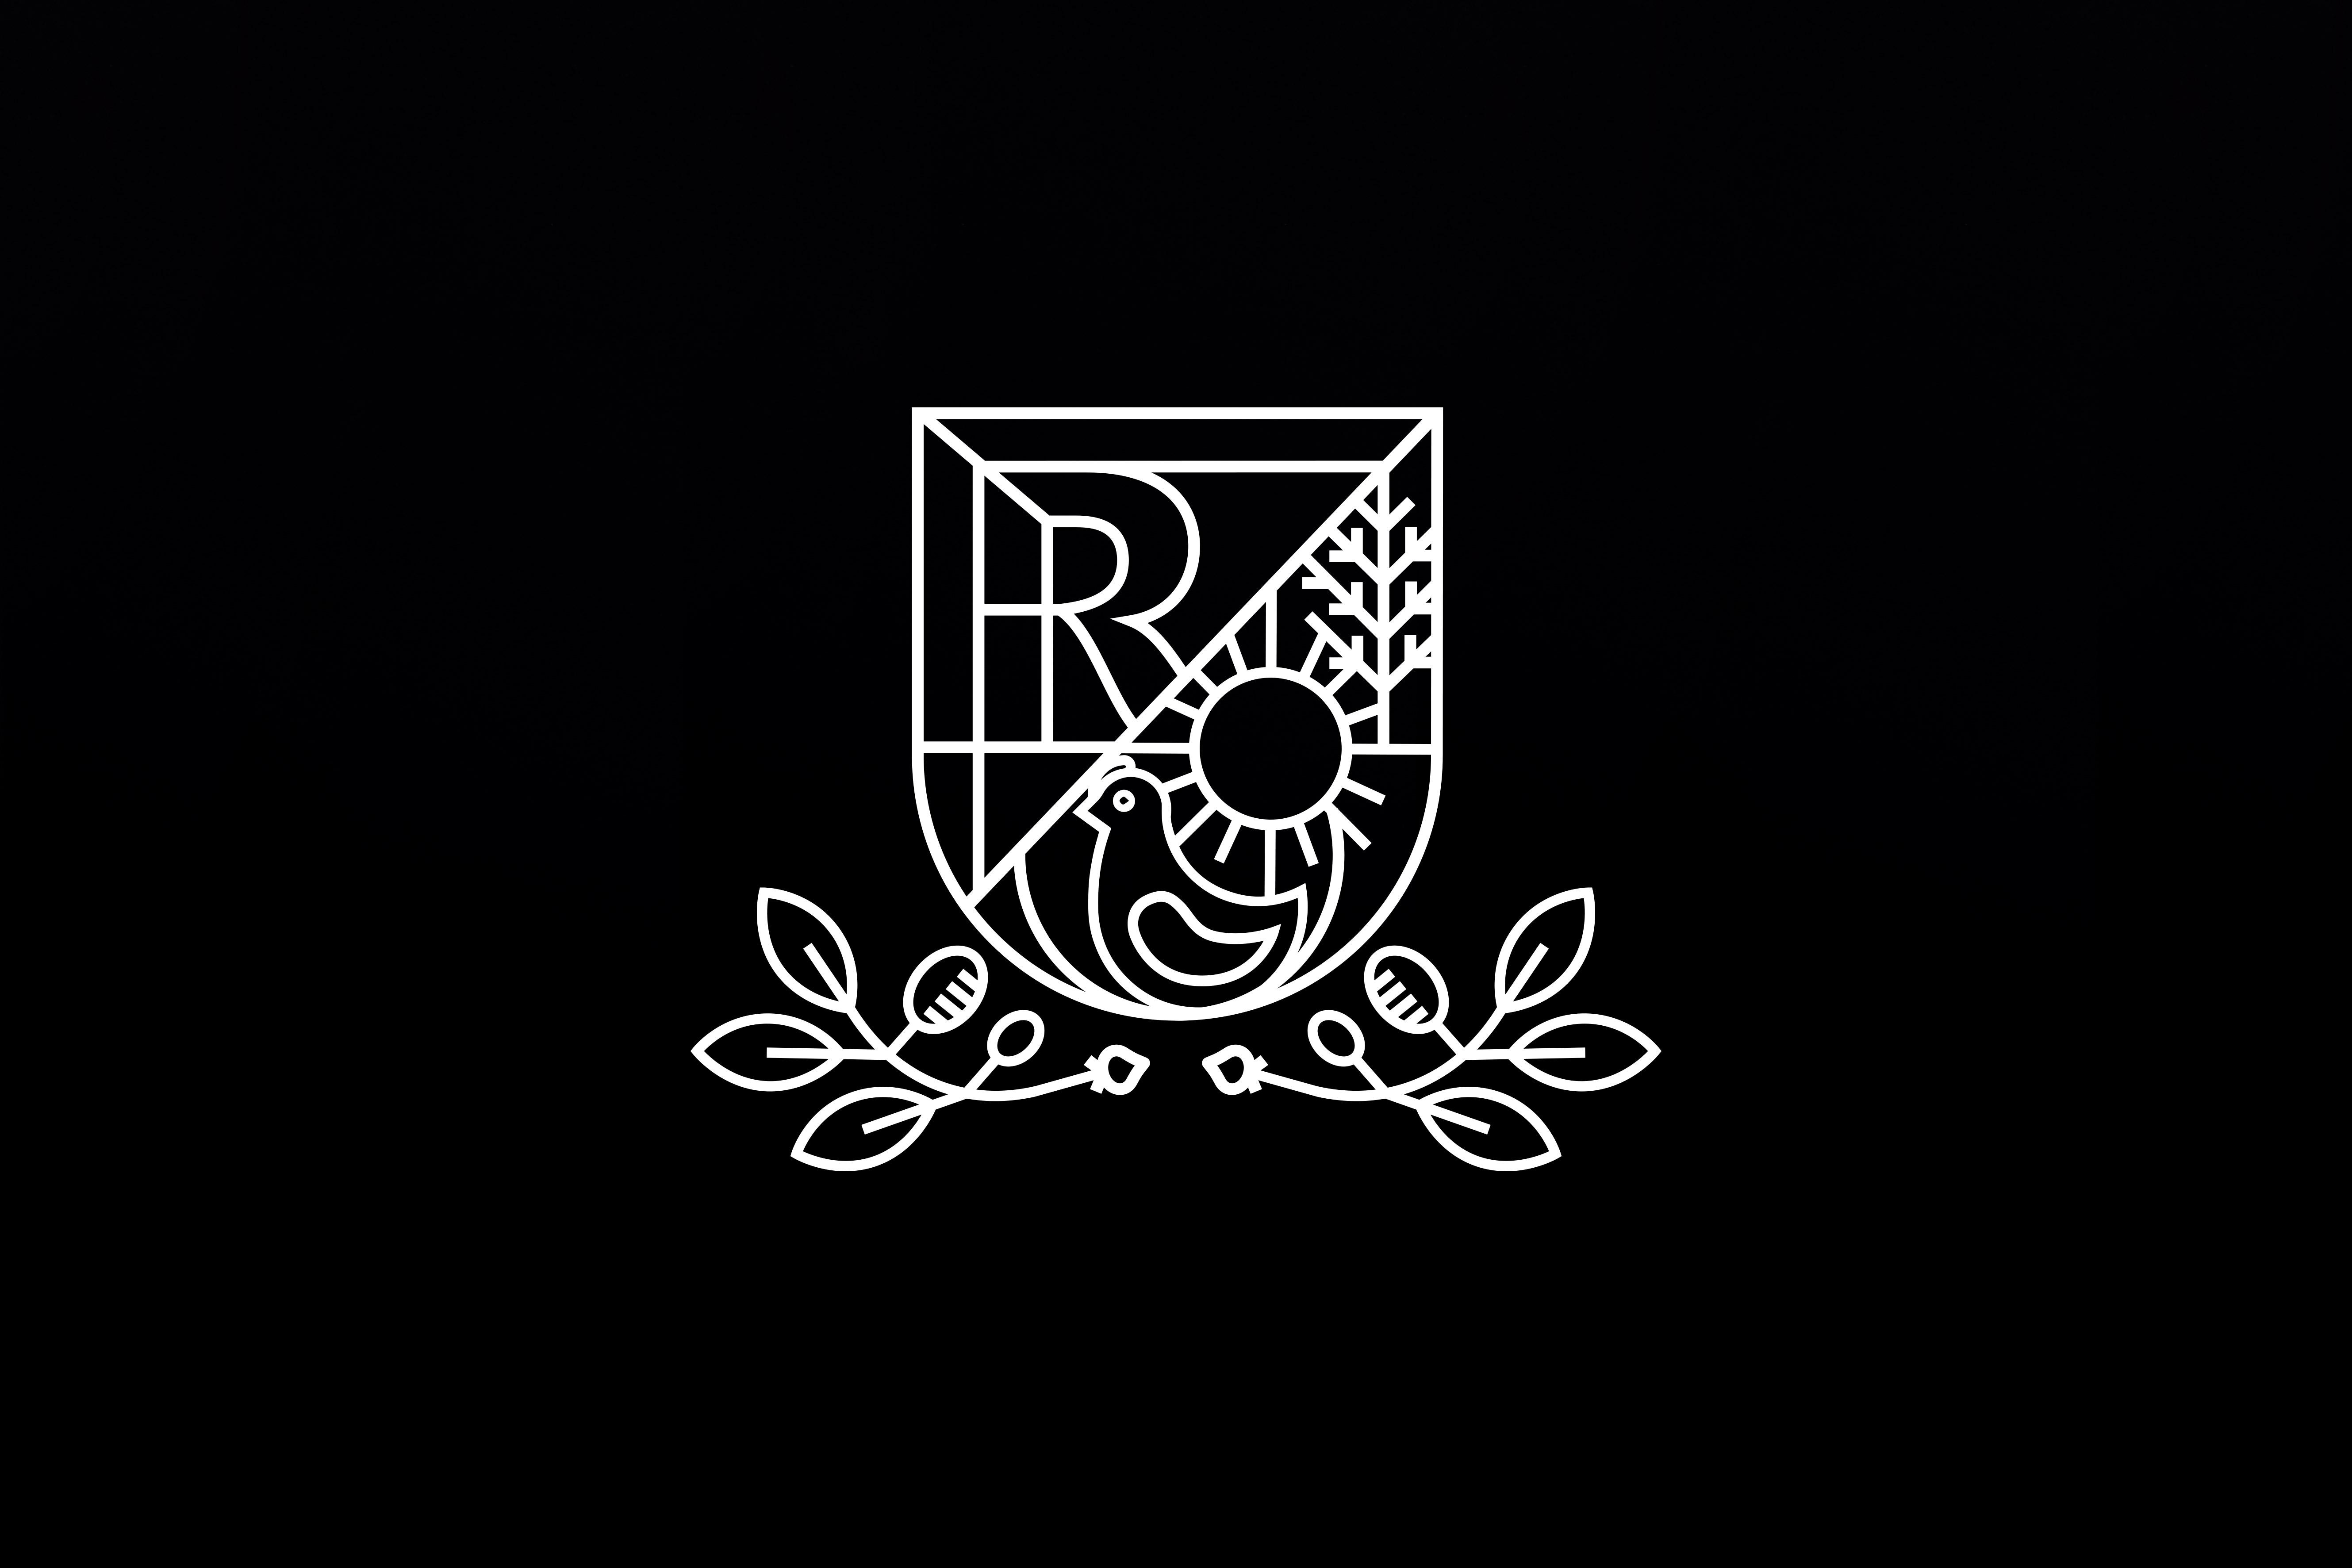 WorkPhotosOctoberInd19-logo1